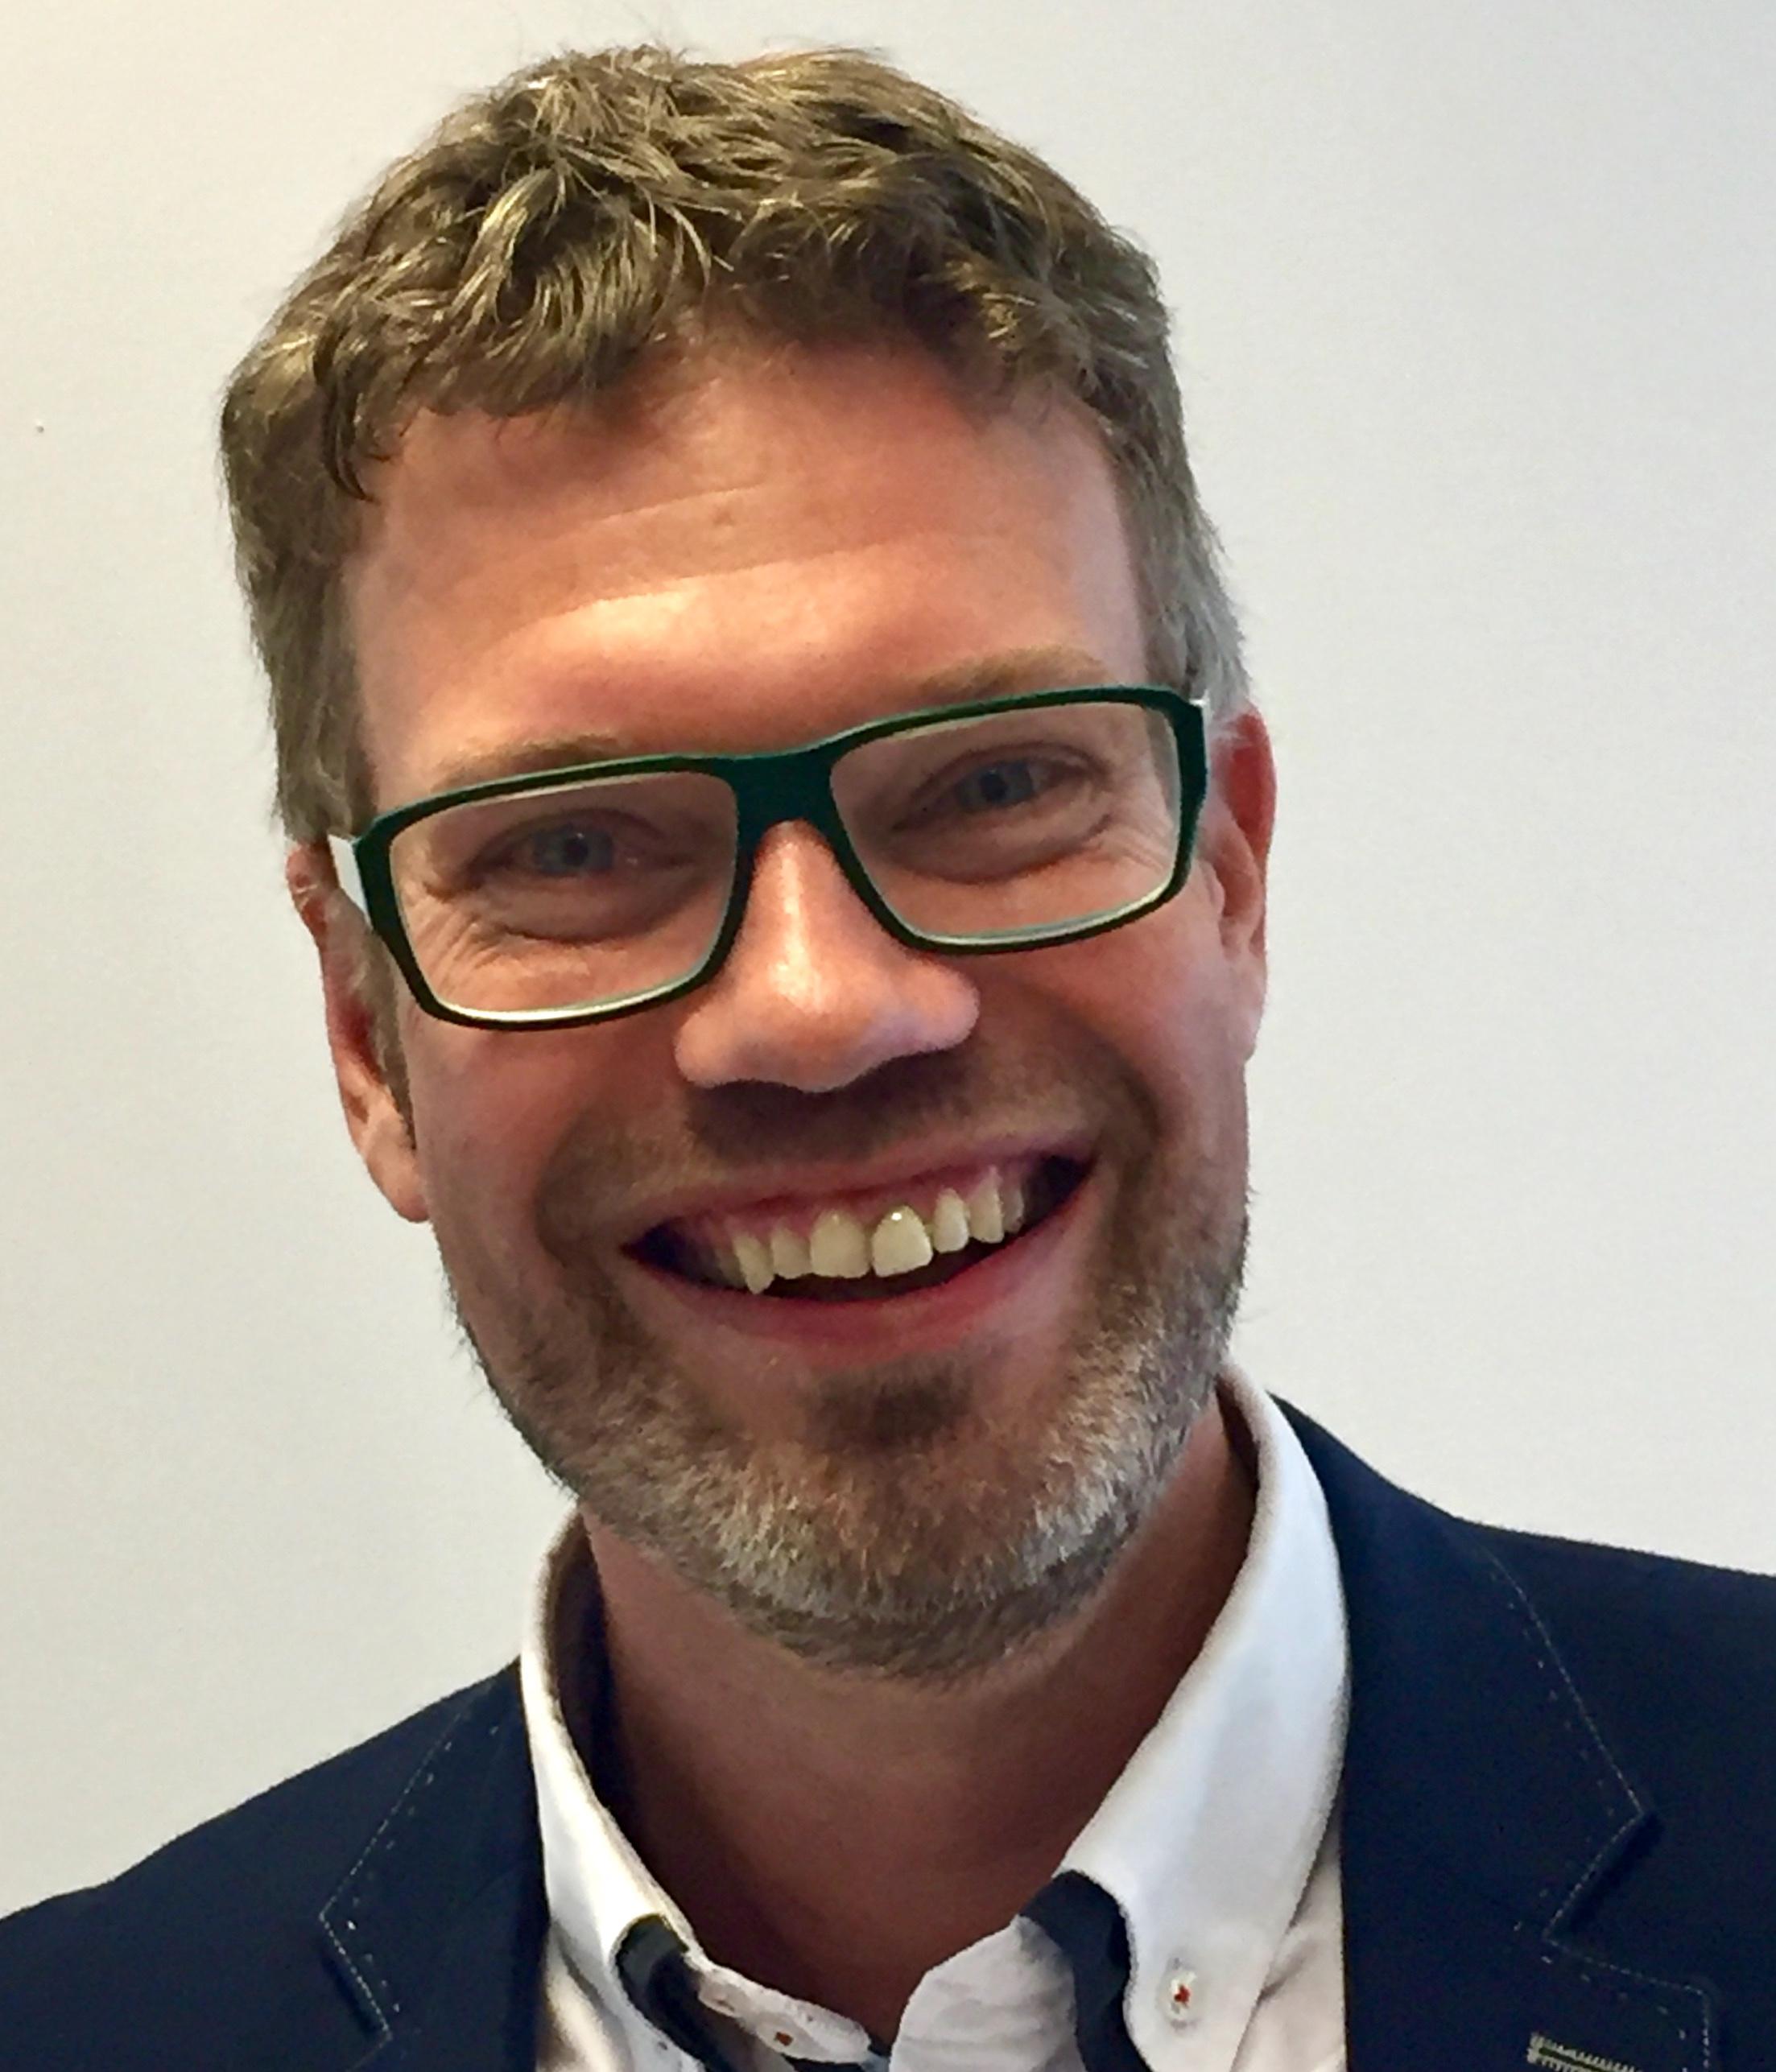 Derk-Jan de Grood